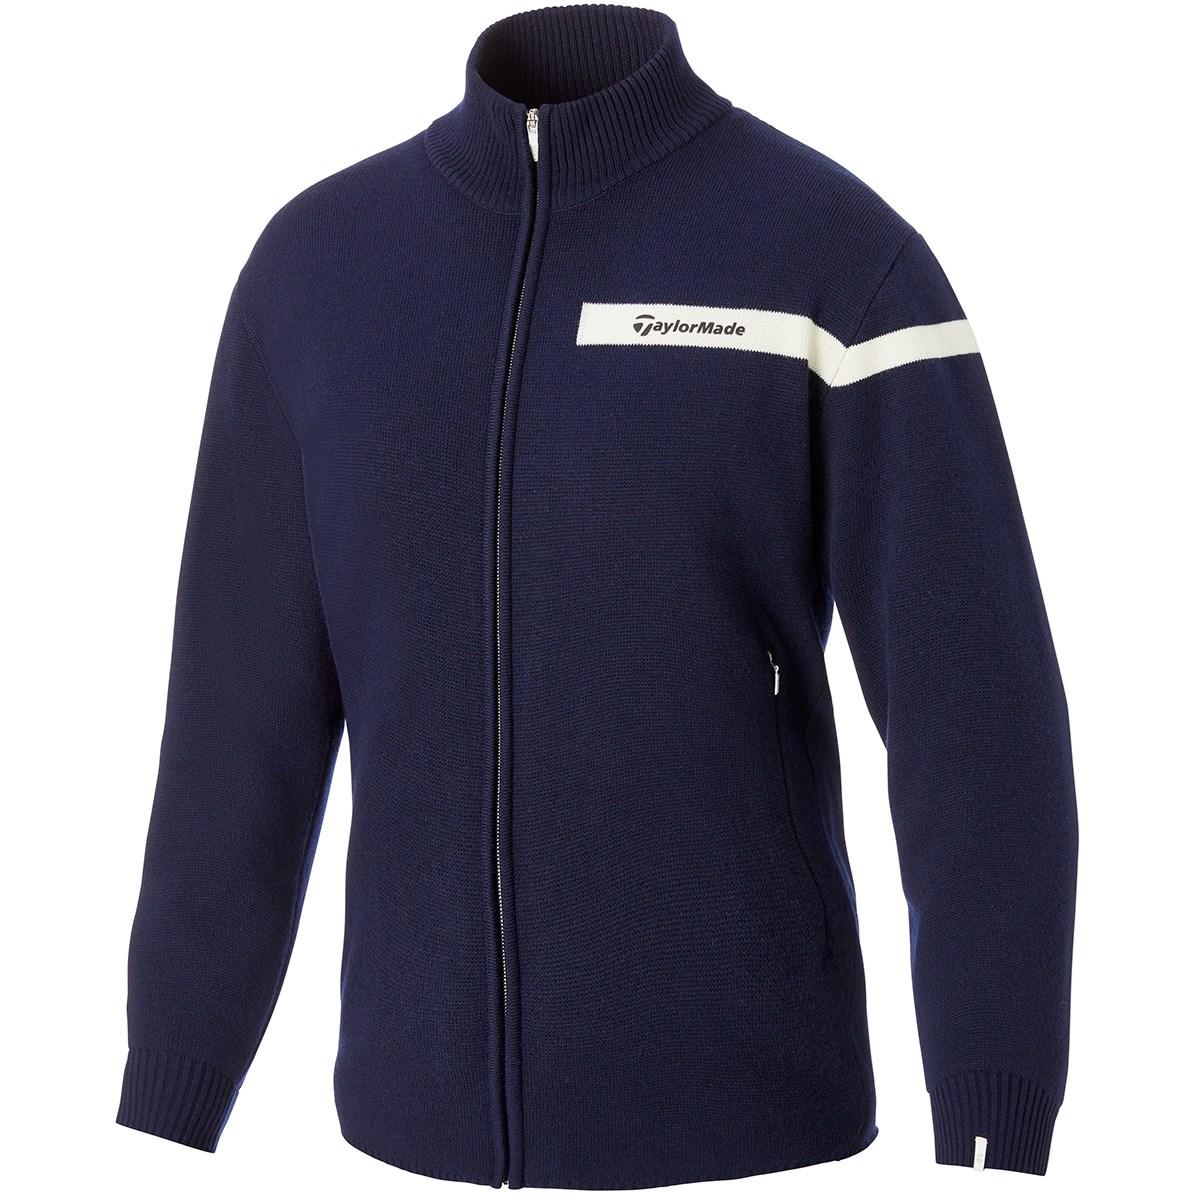 テーラーメイド(Taylor Made) ウールブレンド セーターラインドジャケット